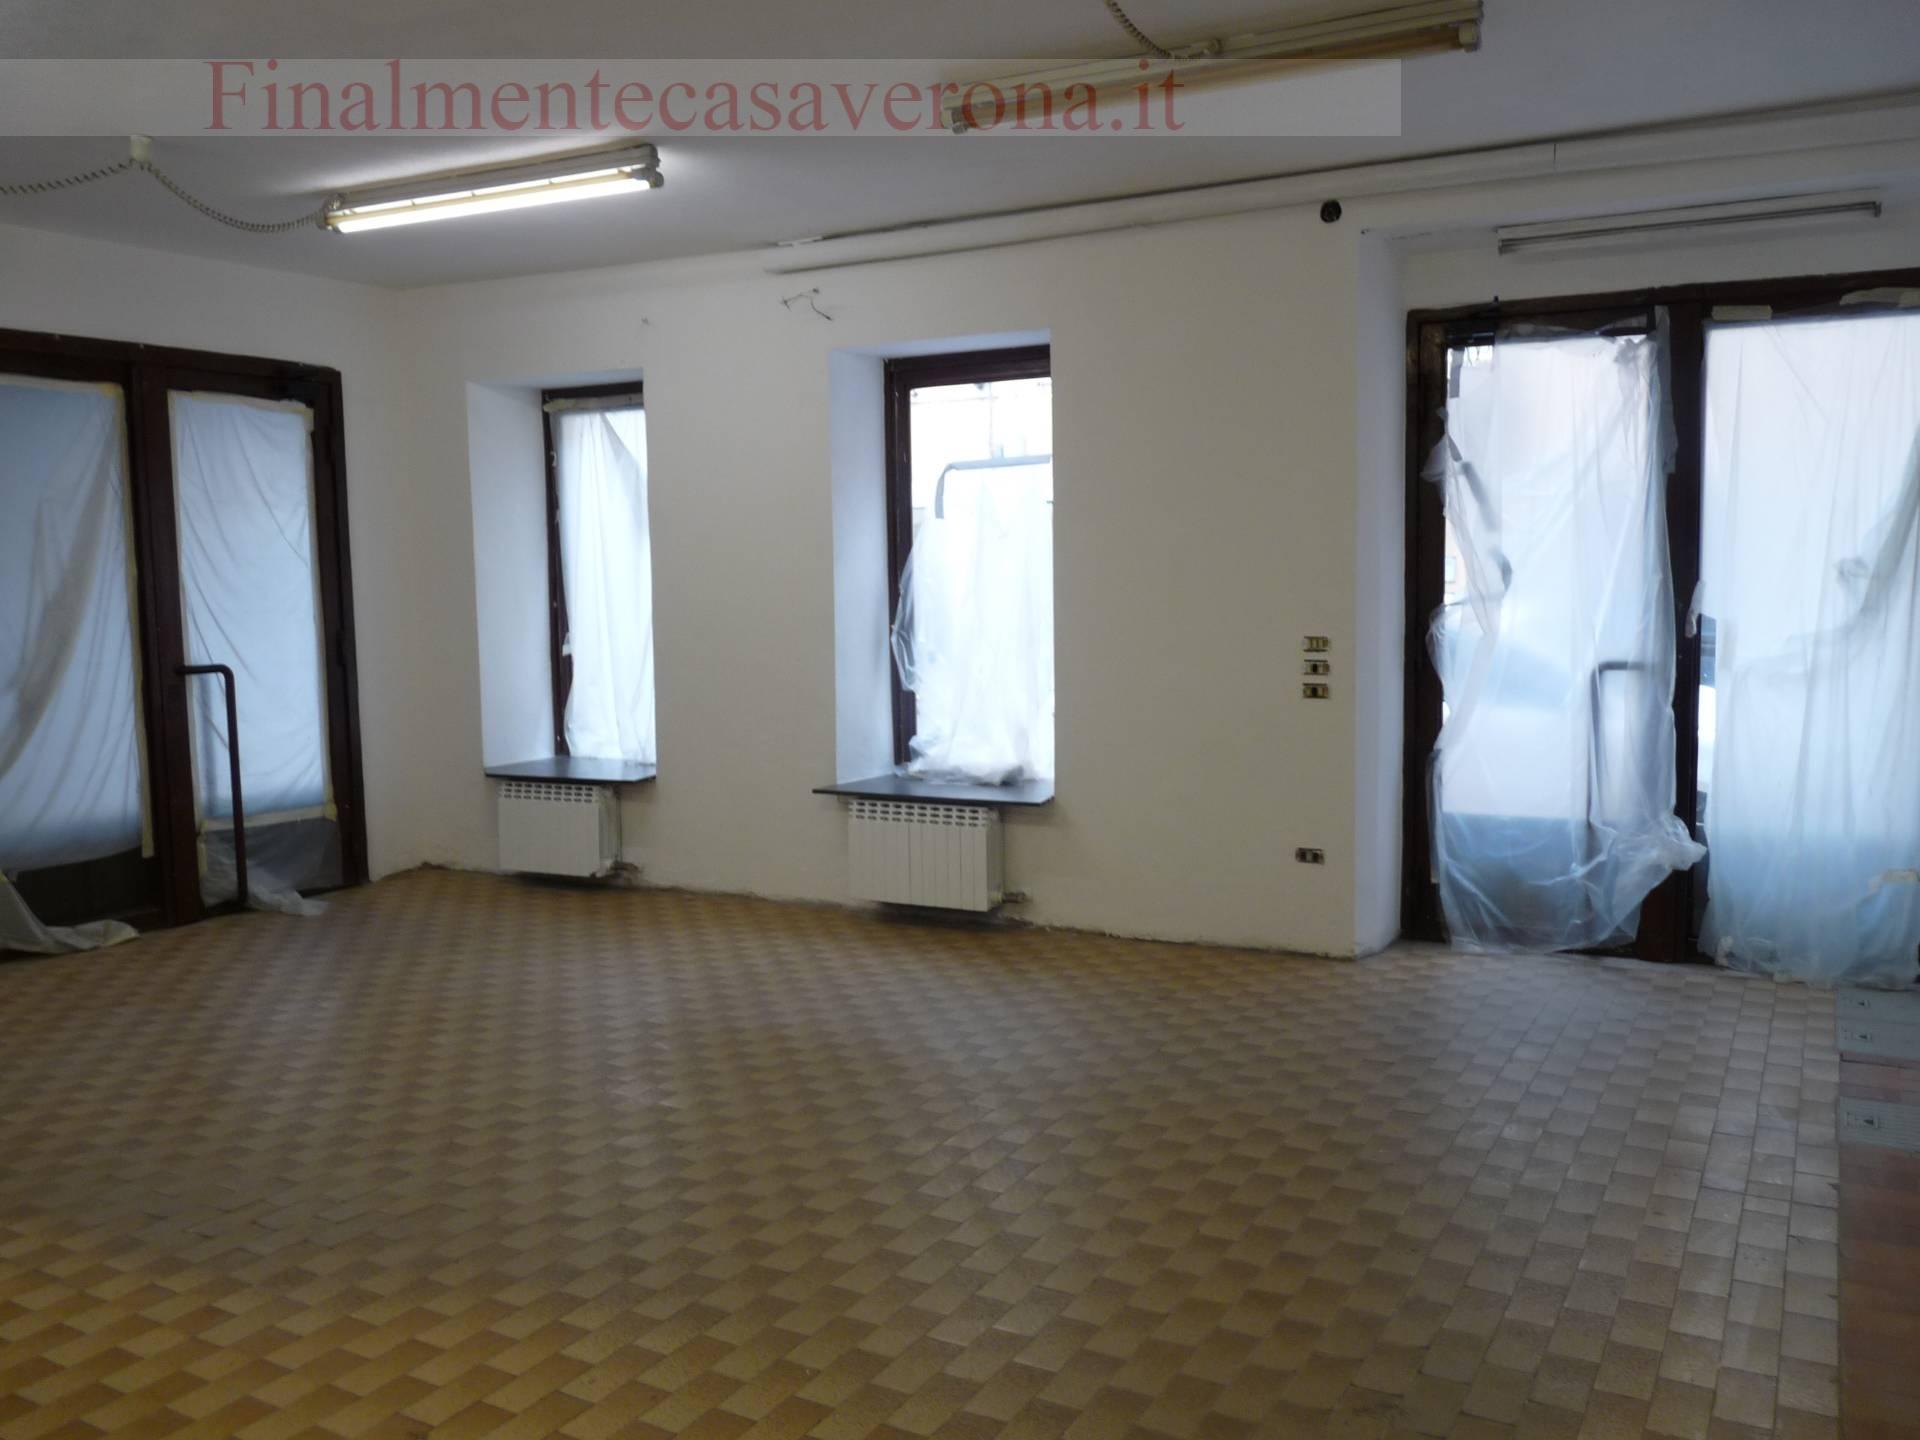 Ufficio / Studio in affitto a Verona, 9999 locali, zona Zona: 2 . Veronetta, prezzo € 700 | CambioCasa.it